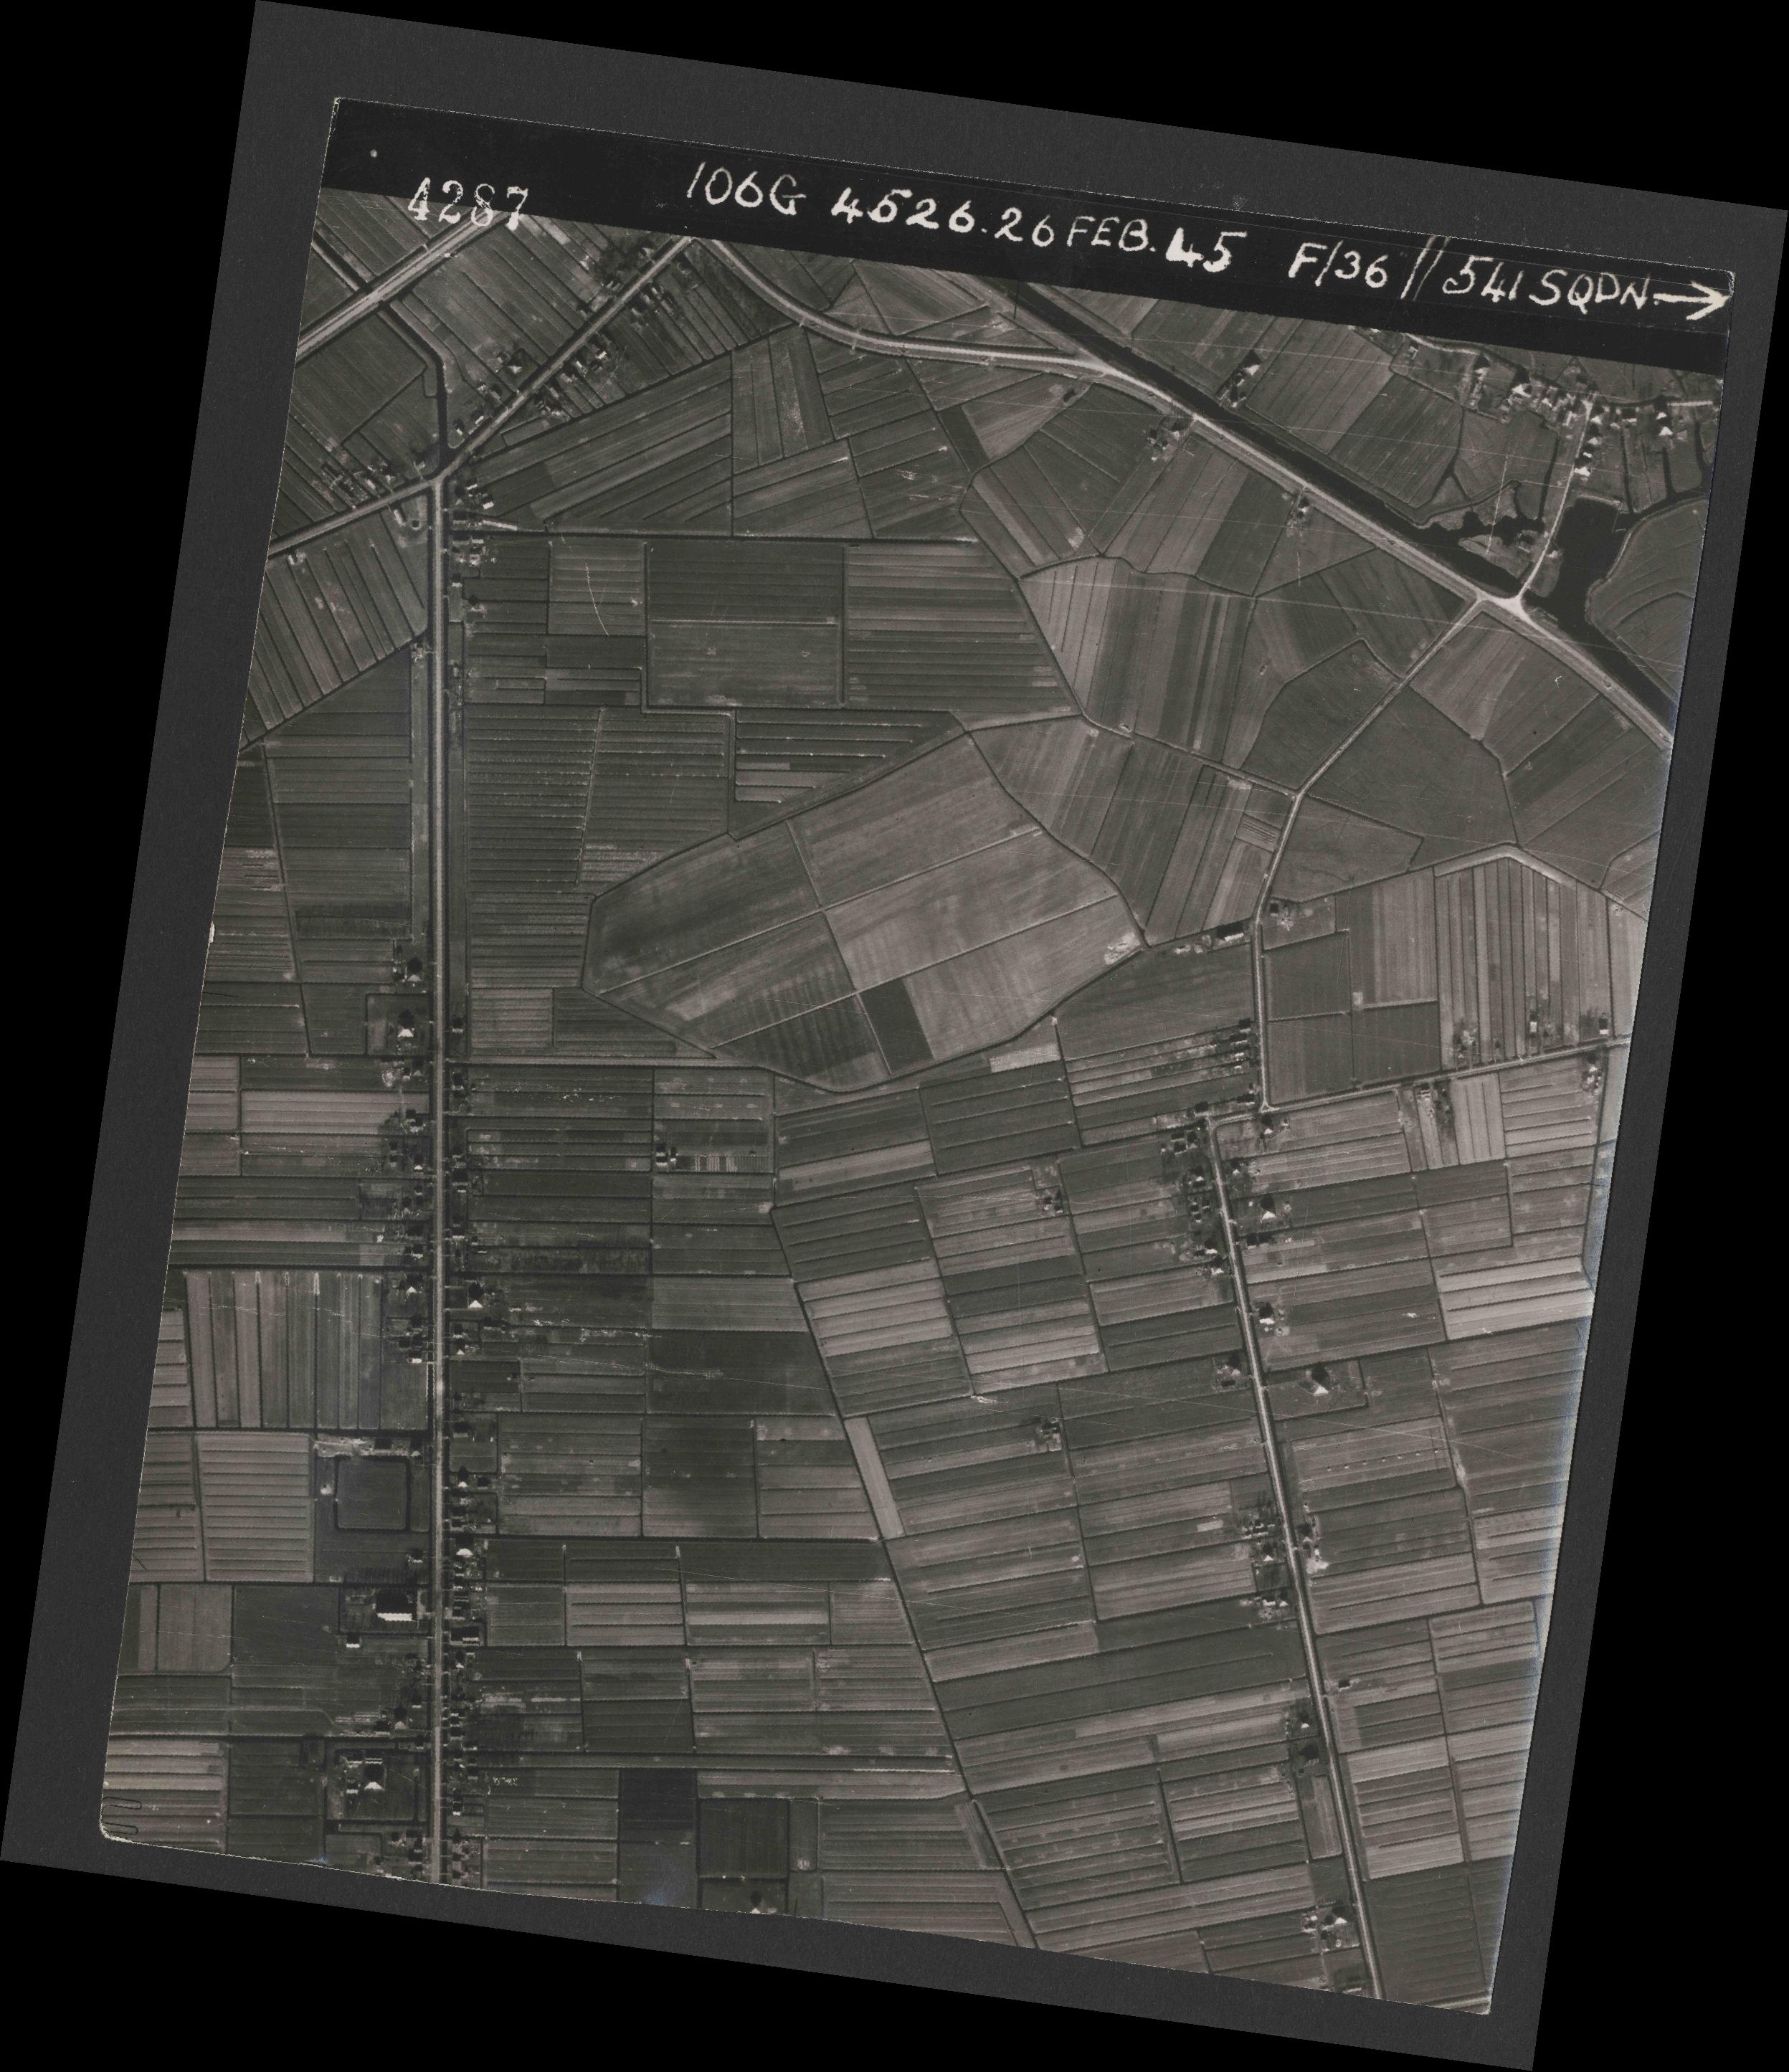 Collection RAF aerial photos 1940-1945 - flight 101, run 02, photo 4287